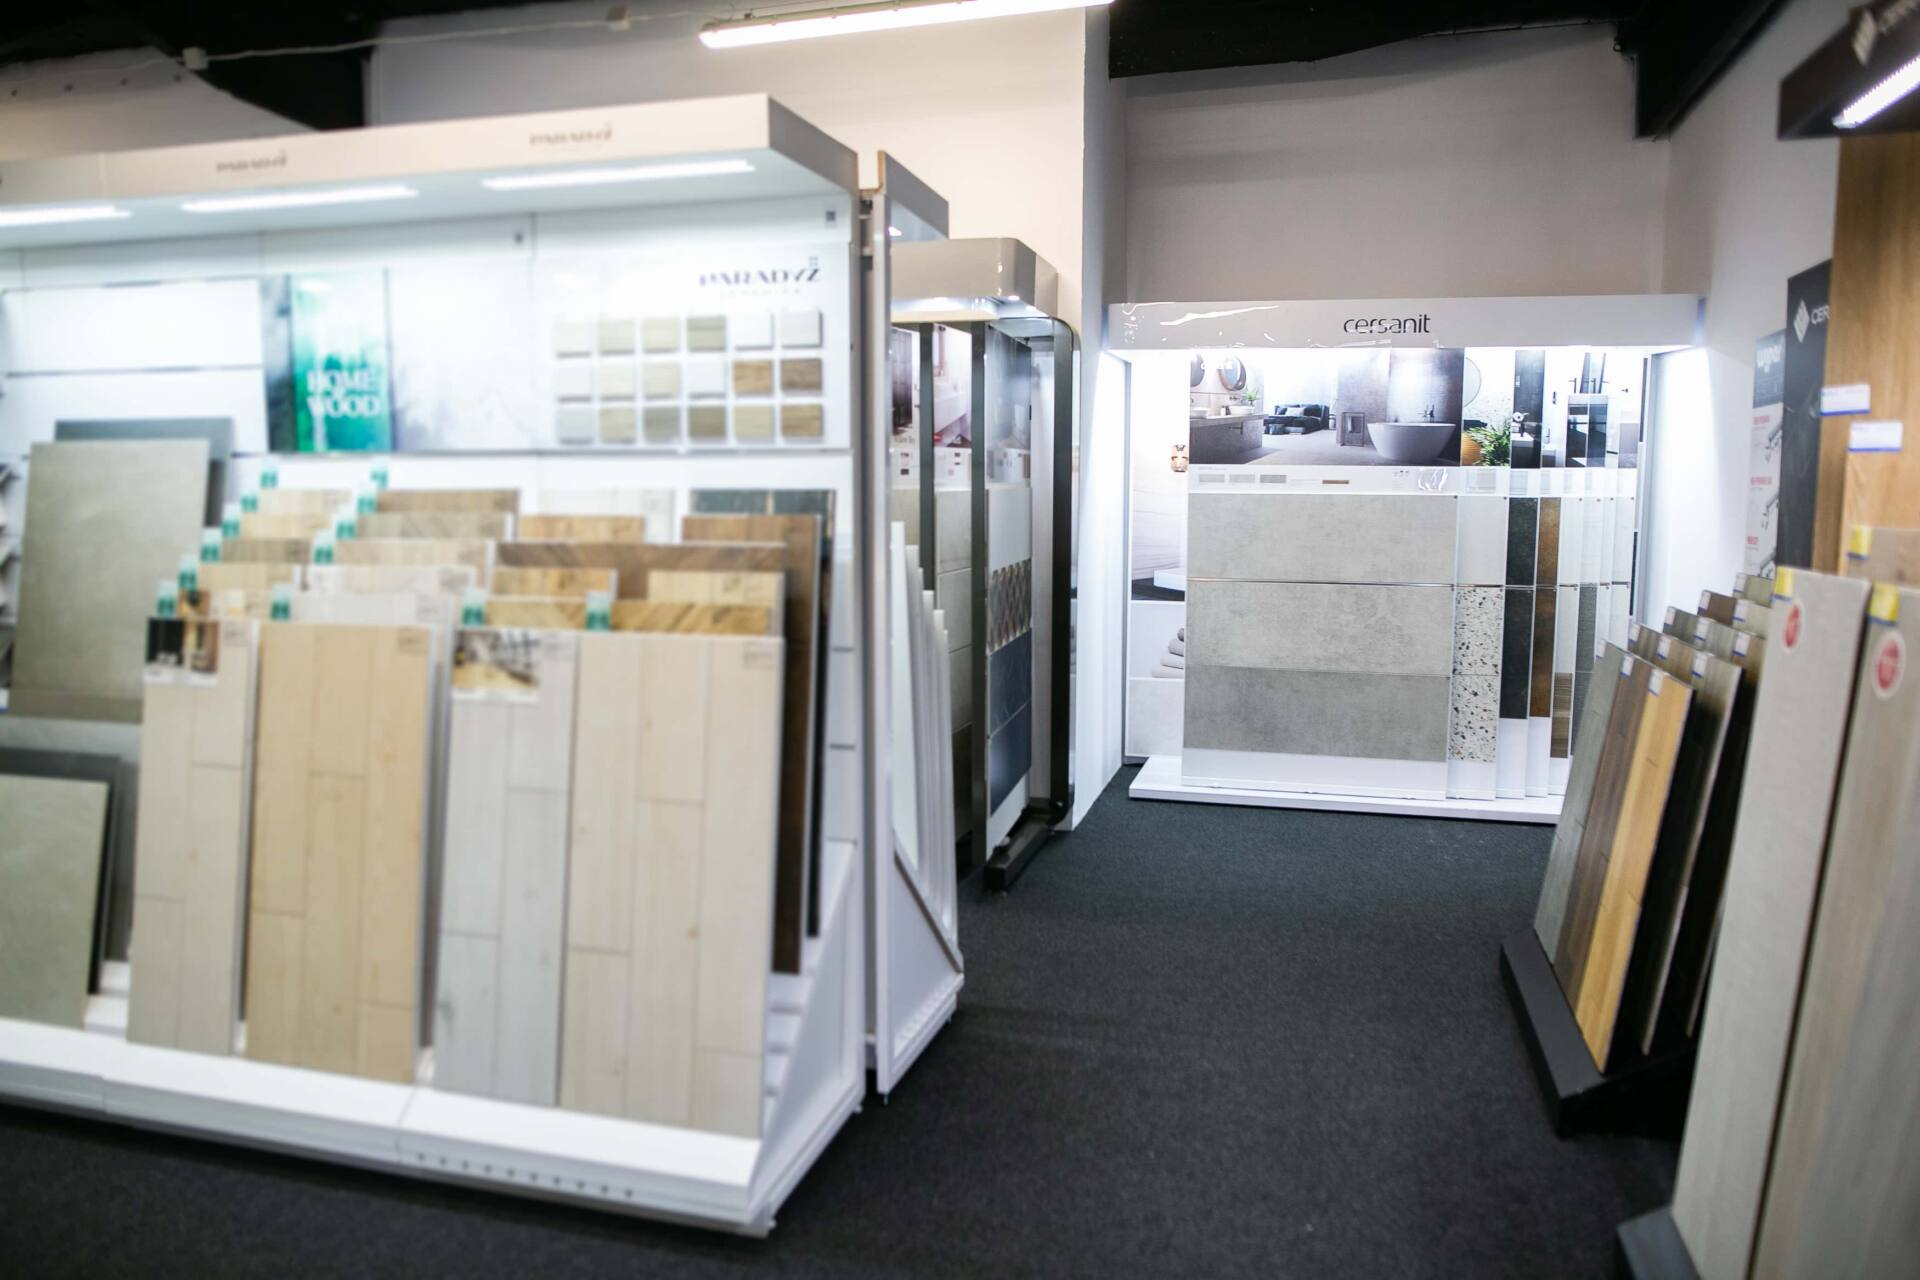 5db 5589 Nowy salon łazienek BLU w Zamościu już otwarty! Publikujemy 80 zdjęć